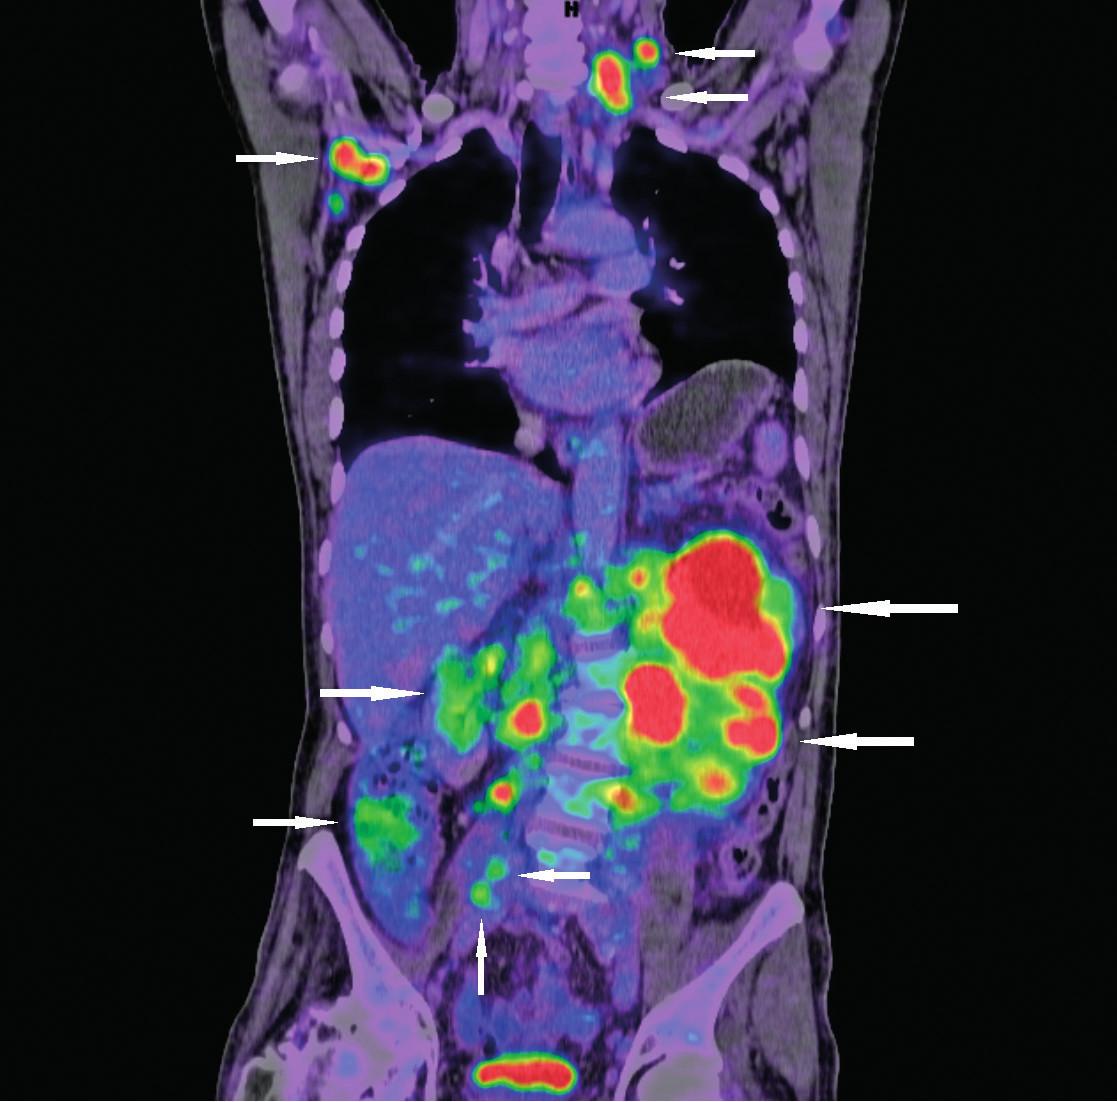 Vyšetření 18F-FDG PET/CT k zhodnocení rozsahu nádorového postižení (nádorová infiltrace označena šipkami)  Vstupní snímky pacienta s novou diagnózou lymfomu z buněk pláště původně došetřovaného pro dyspepsie a hmotnostní úbytek